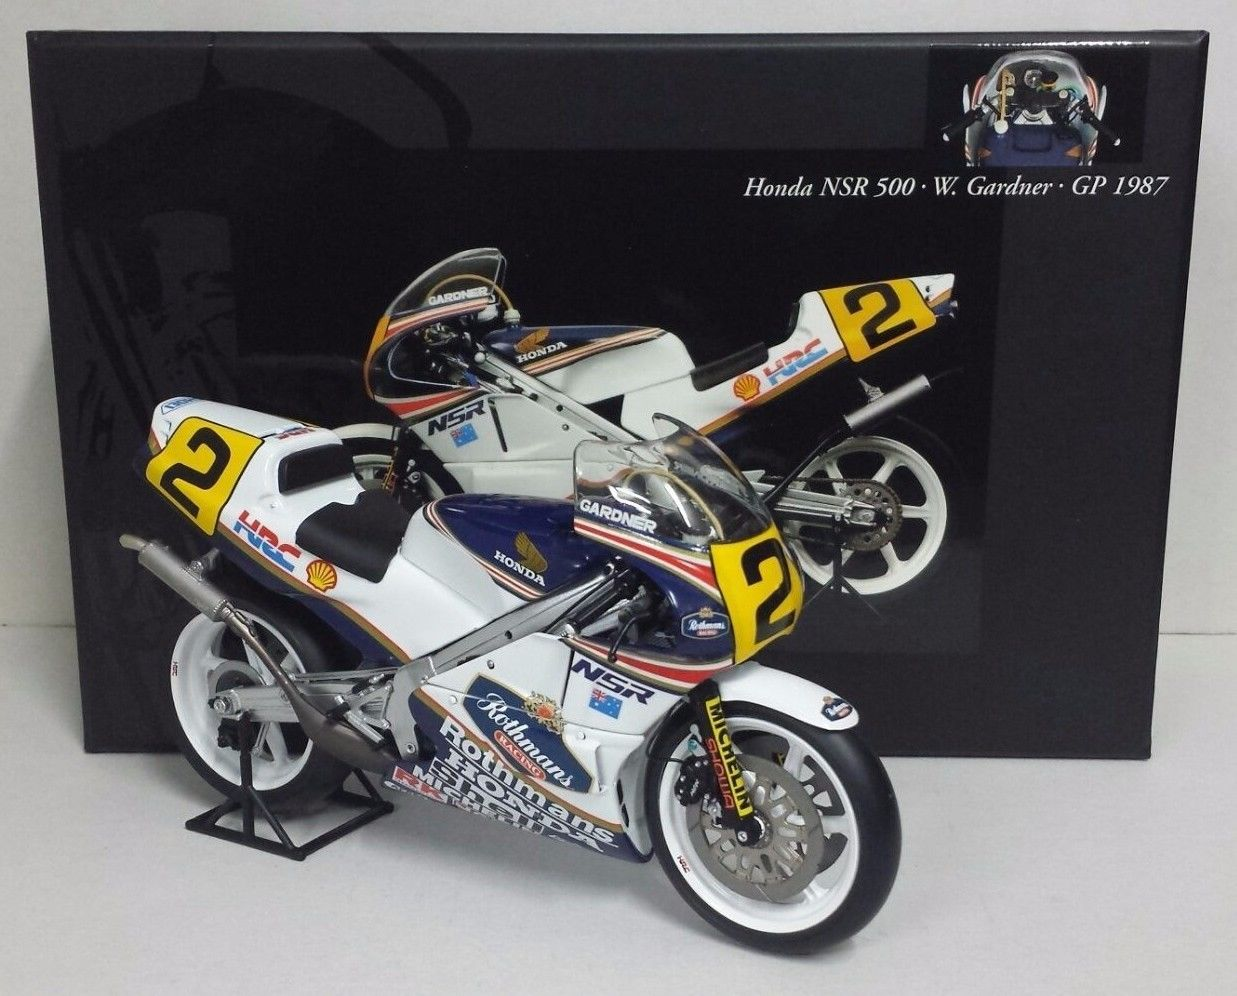 MINICHAMPS 1/12 W. GARDNER - HONDA NSR 500 WORLD CHAMPION 1987 MEGA RARE